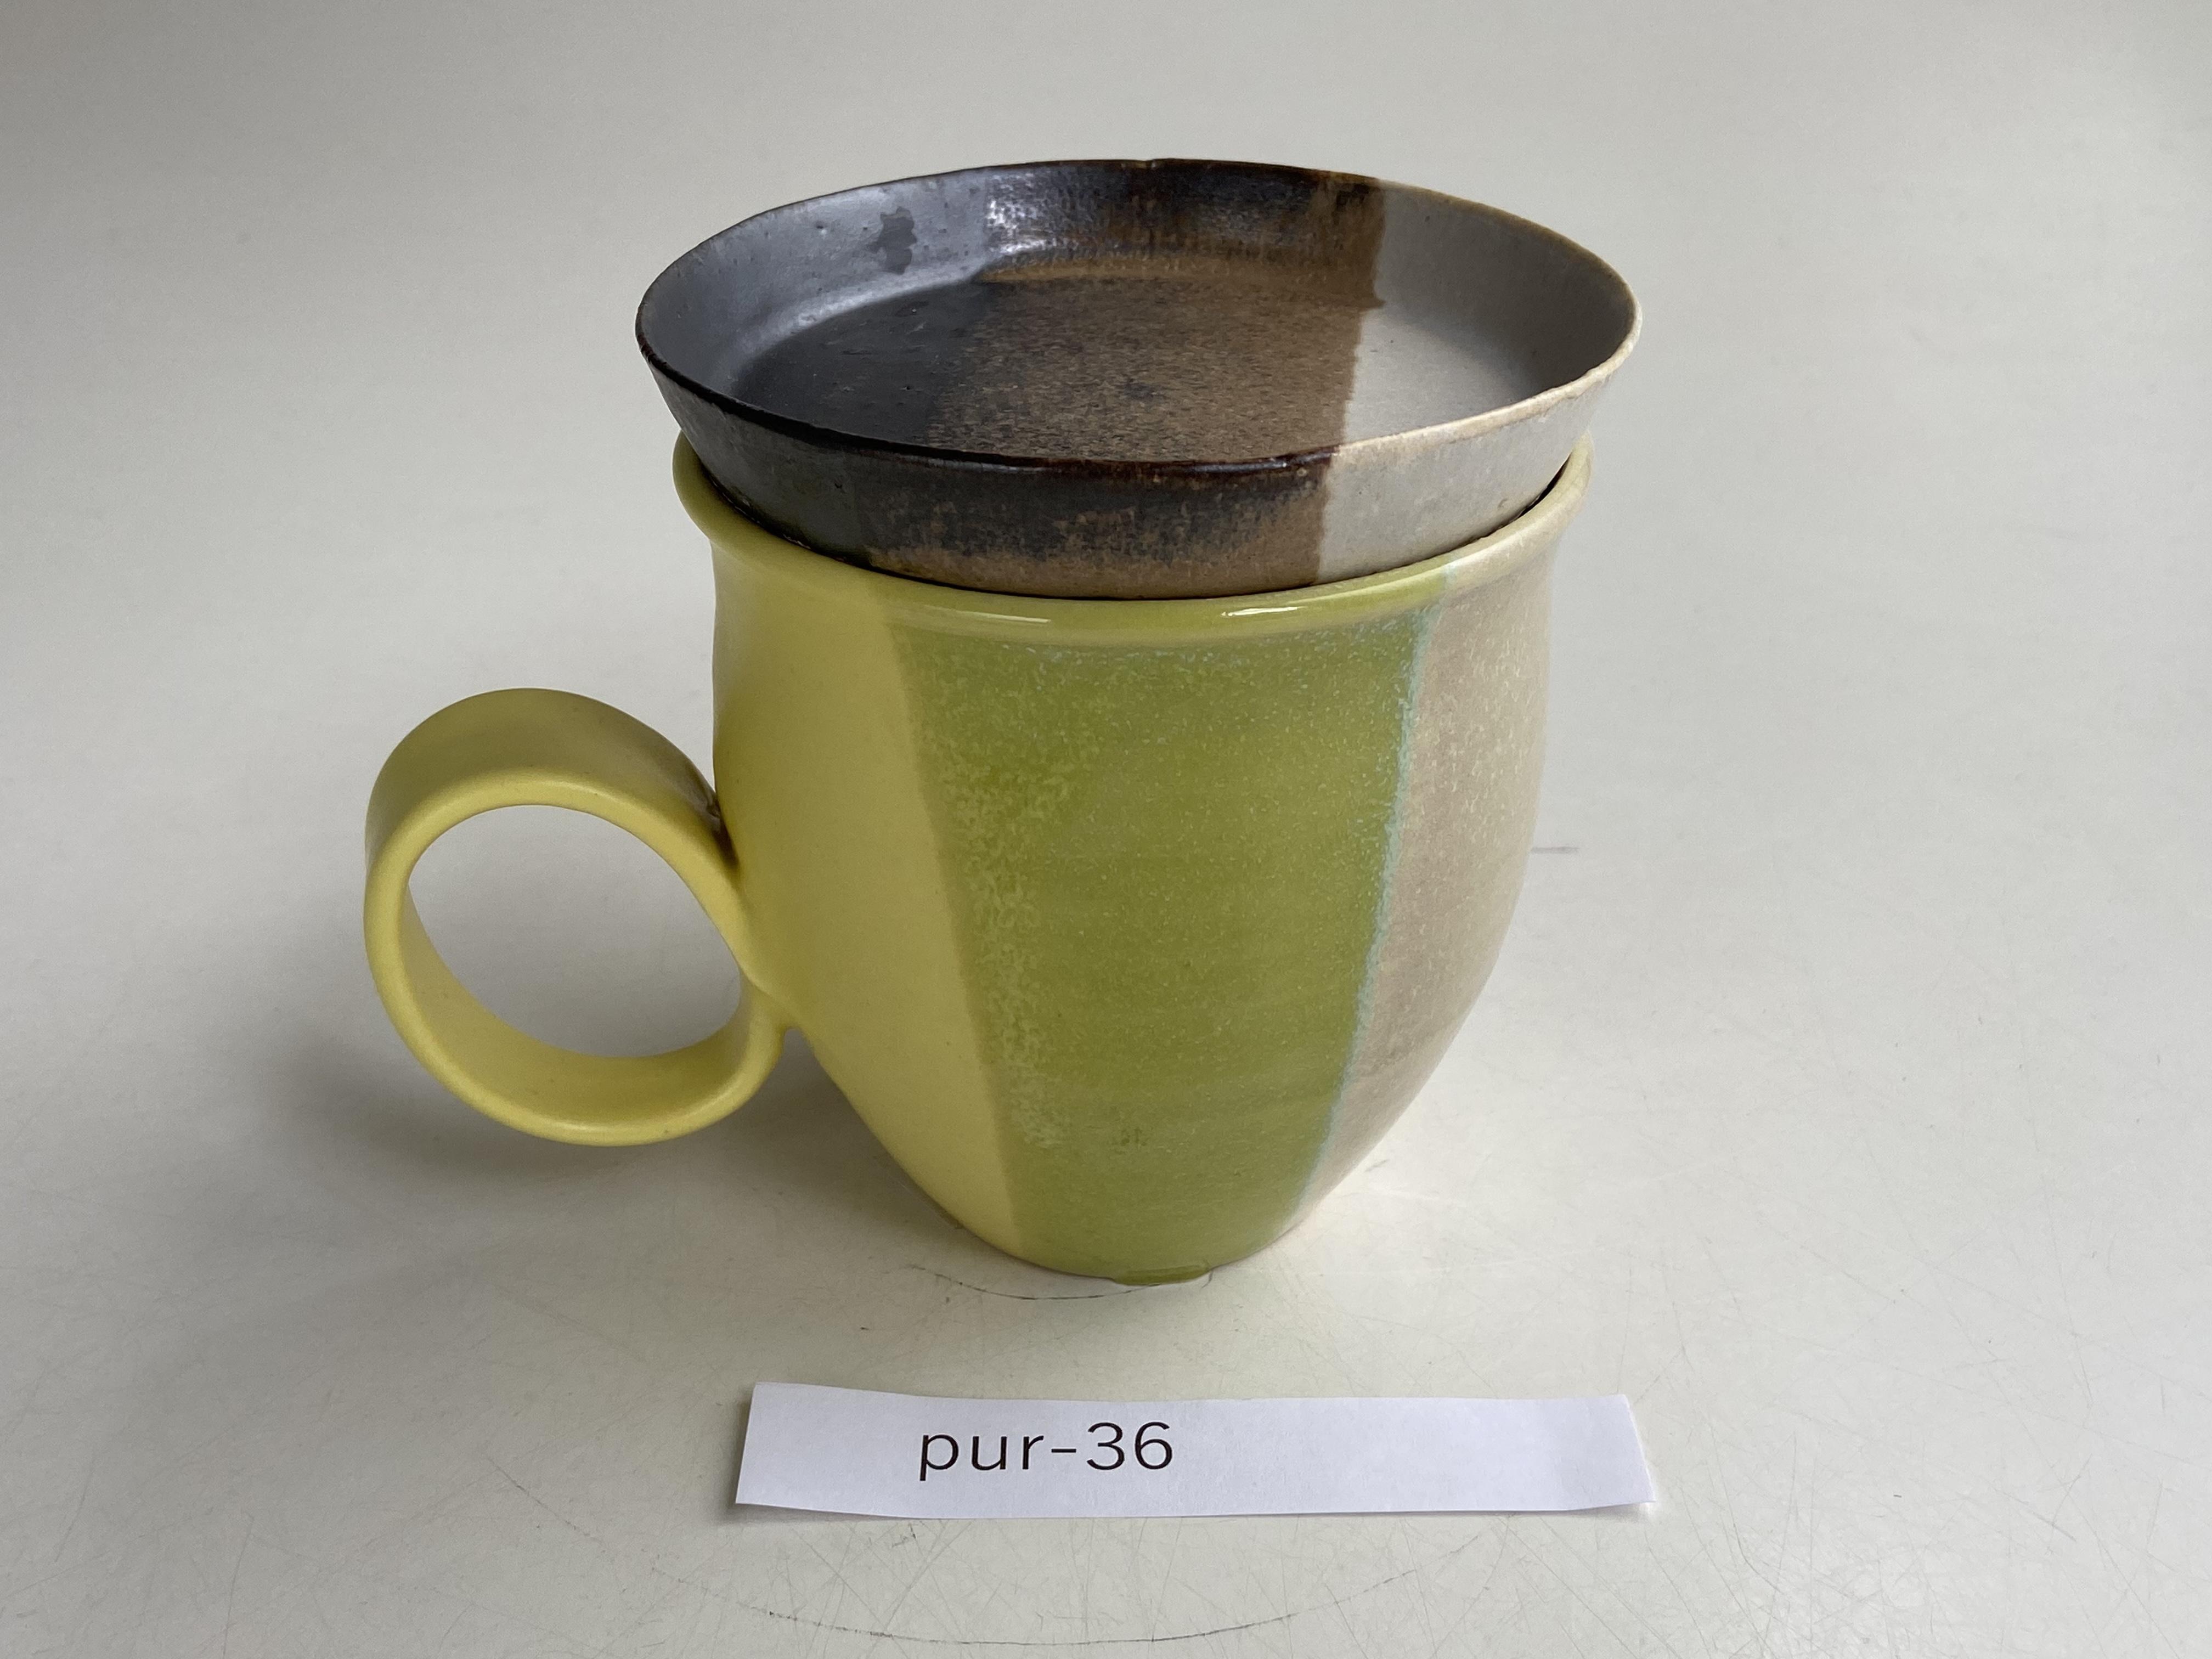 ハンドルマグライム&プレートミニセット pur-36